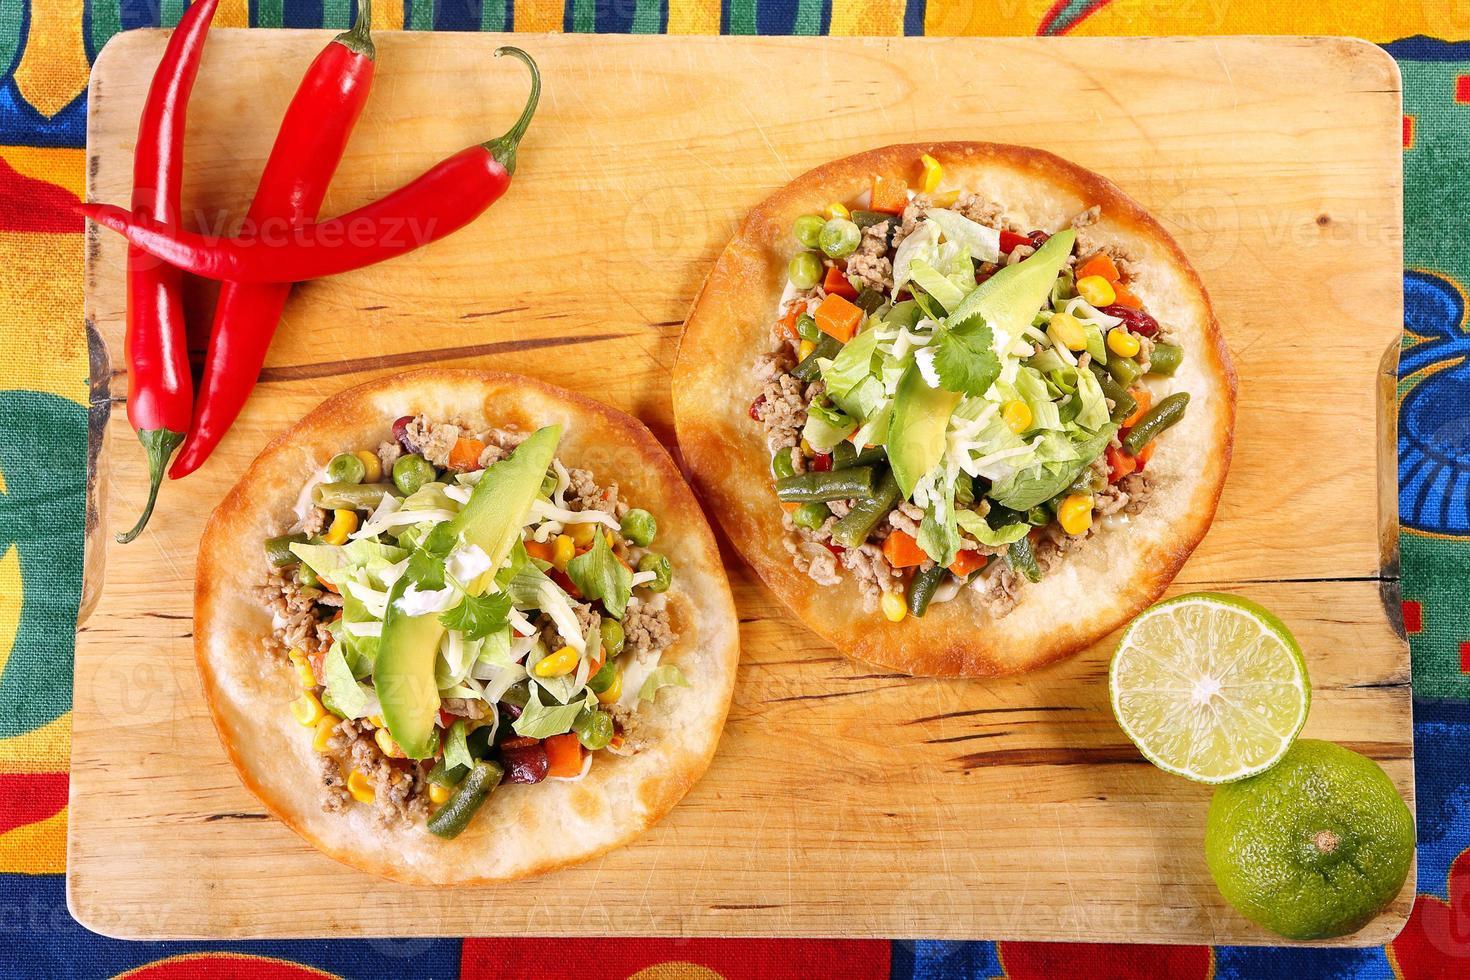 tostadas met rundergehakt en groenten op houten achtergrond foto